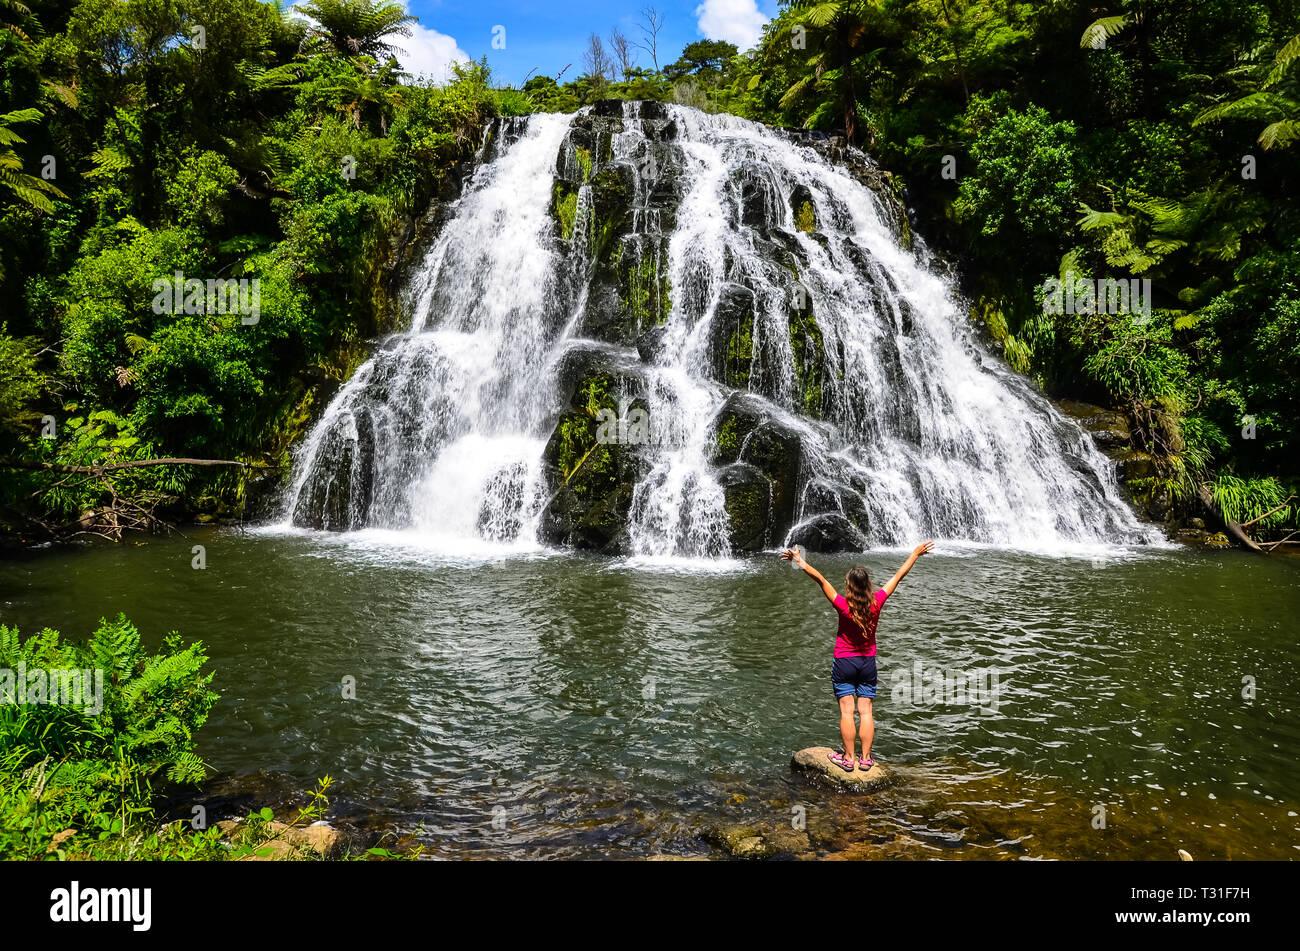 Owharoa Falls avec ciel bleu au-dessus et en personne touristiques fille t-shirt rouge à l'avant-plan à la péninsule de Coromandel, île du Nord, Nouvelle-Zélande Photo Stock